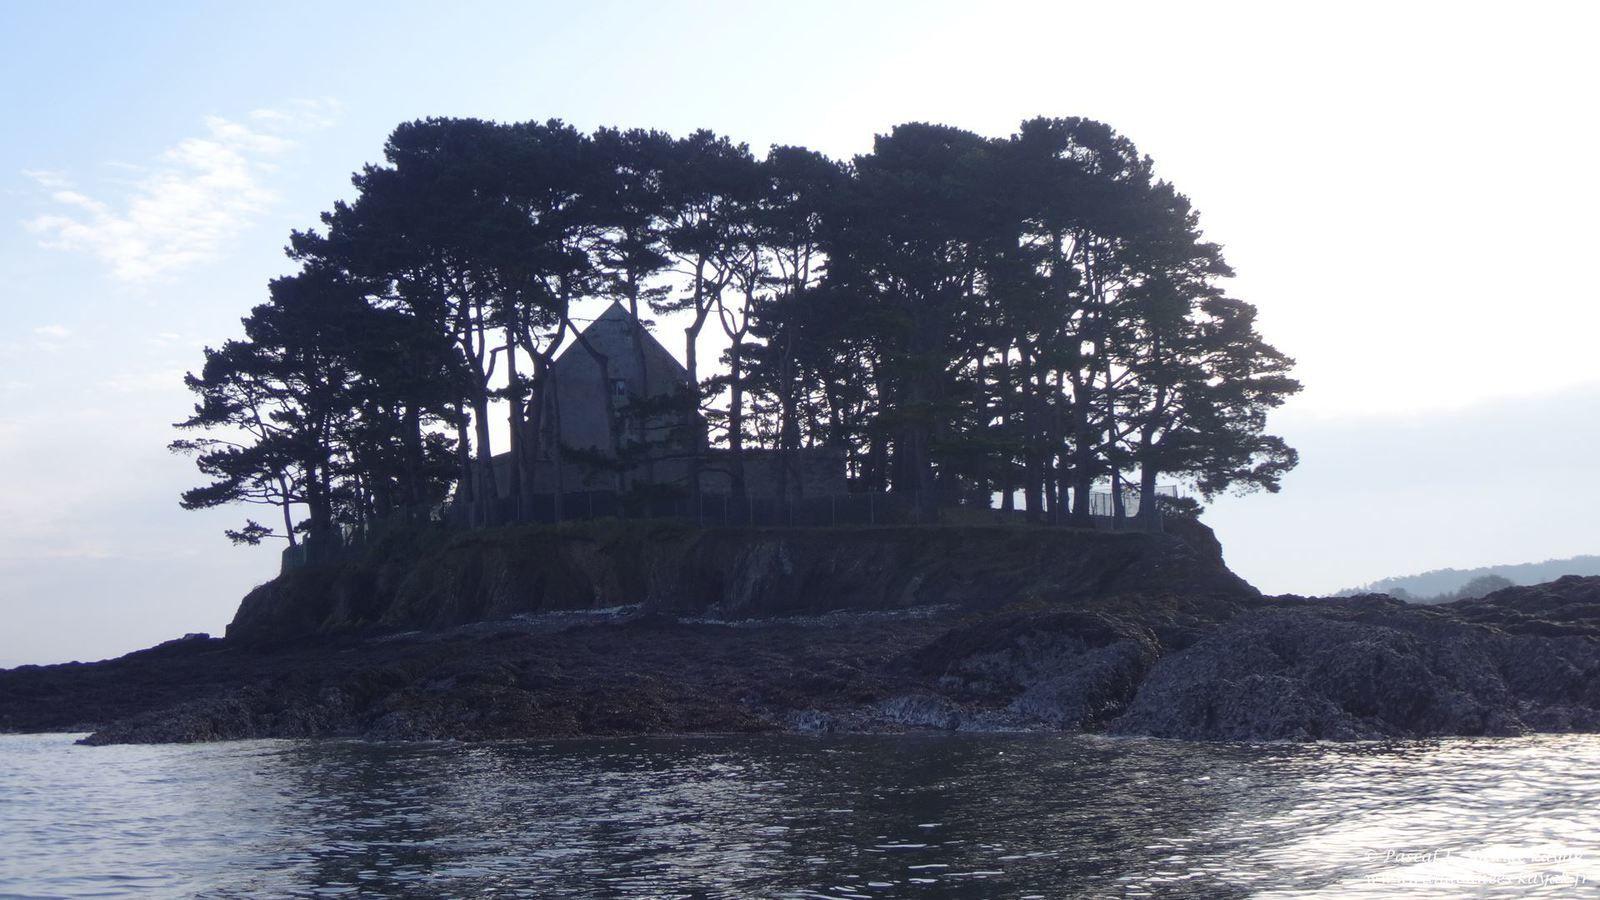 Les 12 îles de la rade de Brest